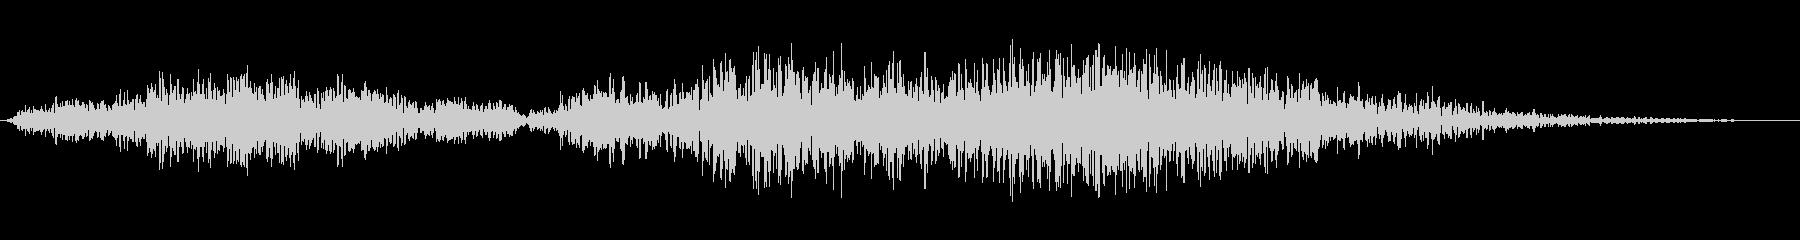 ダークエンディングの未再生の波形